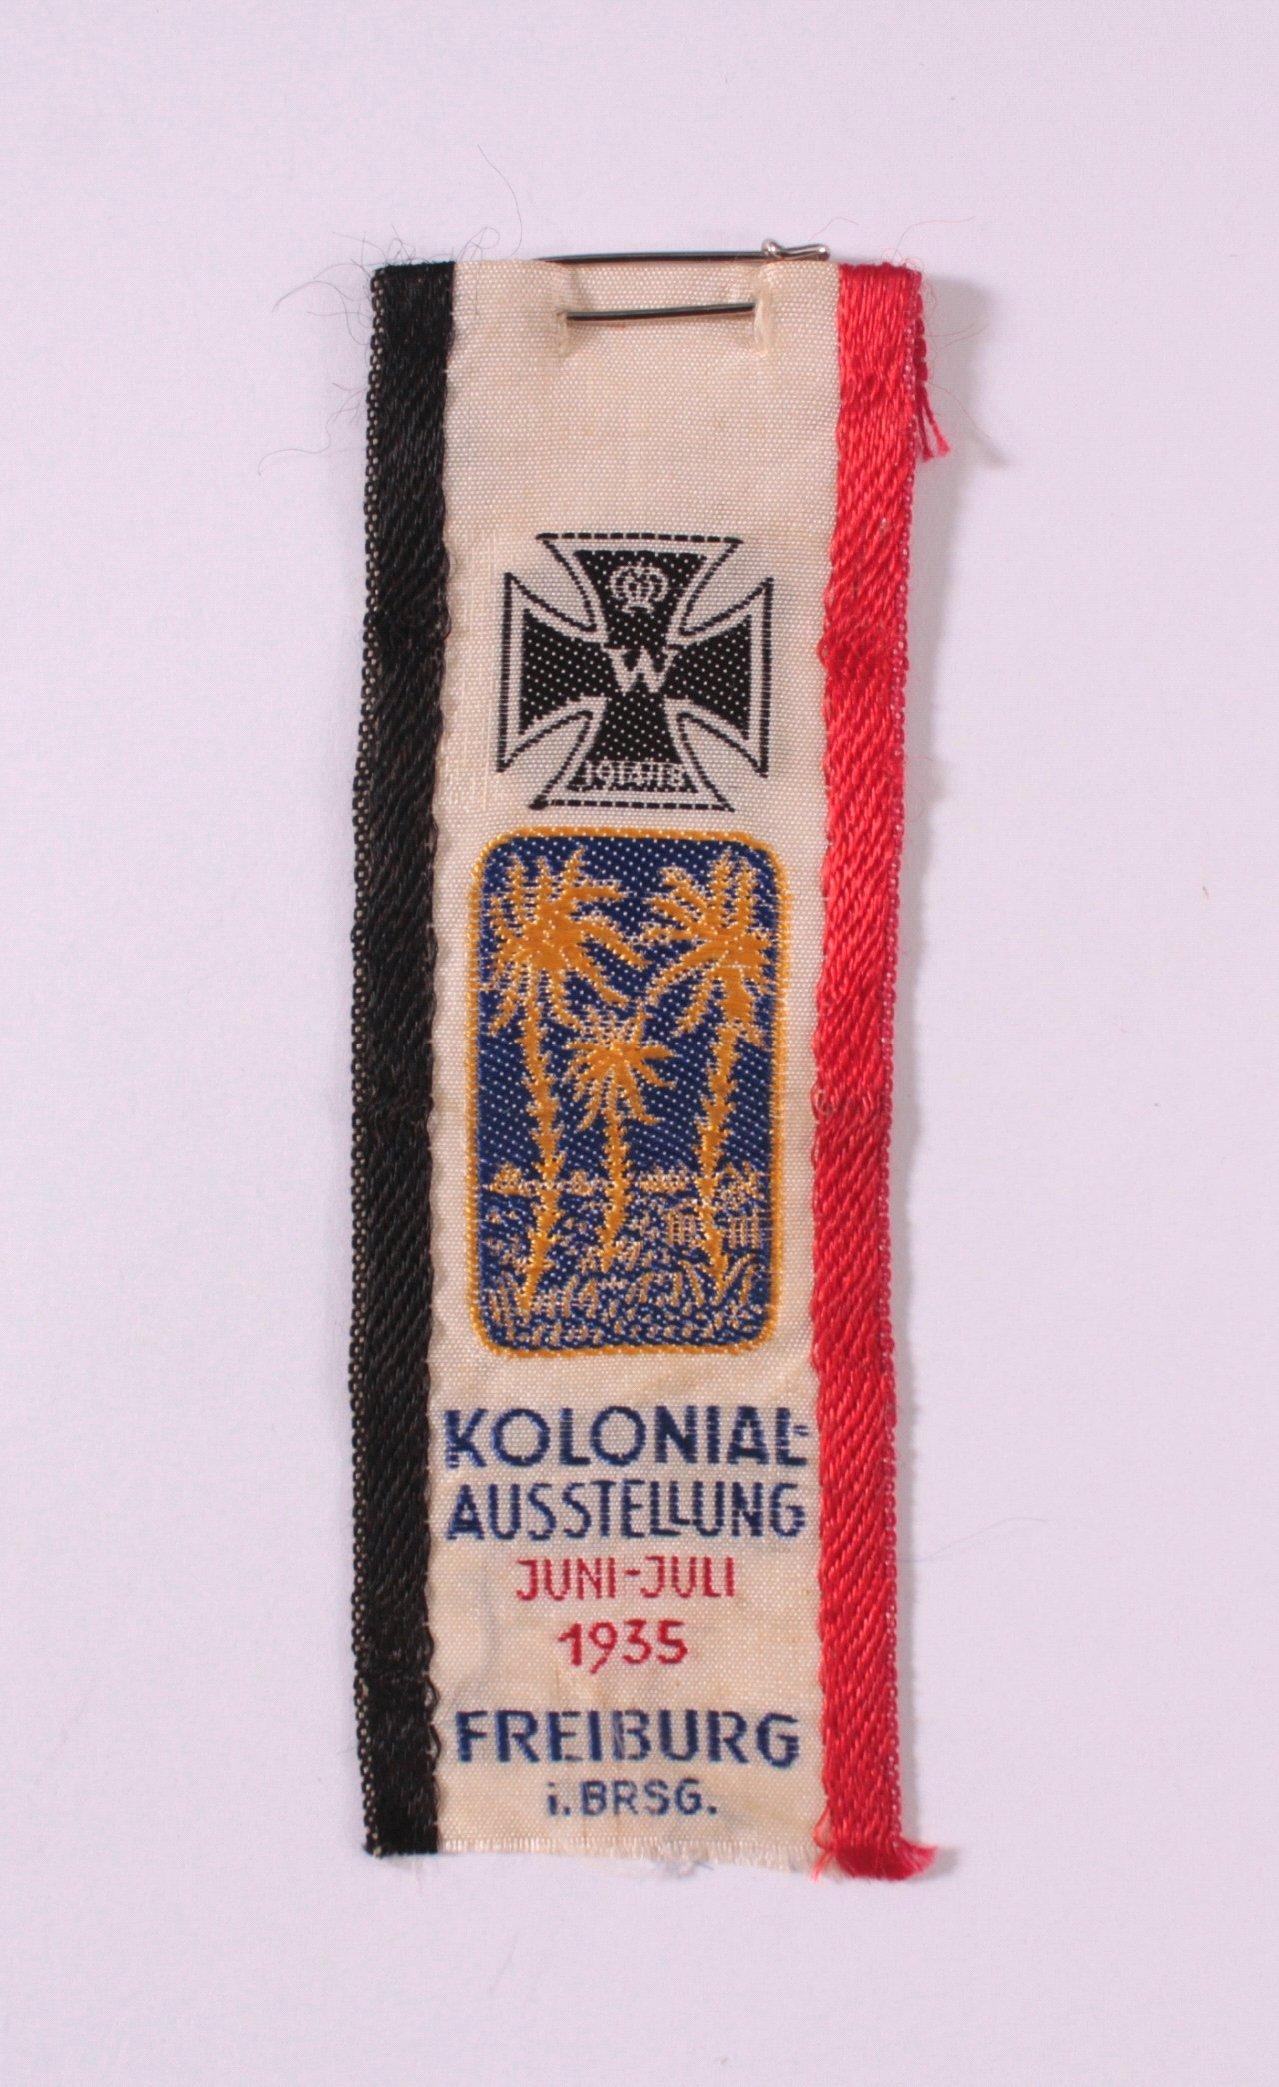 Seidenband Deutsche Kolonialausstellung 1935, Freiburg